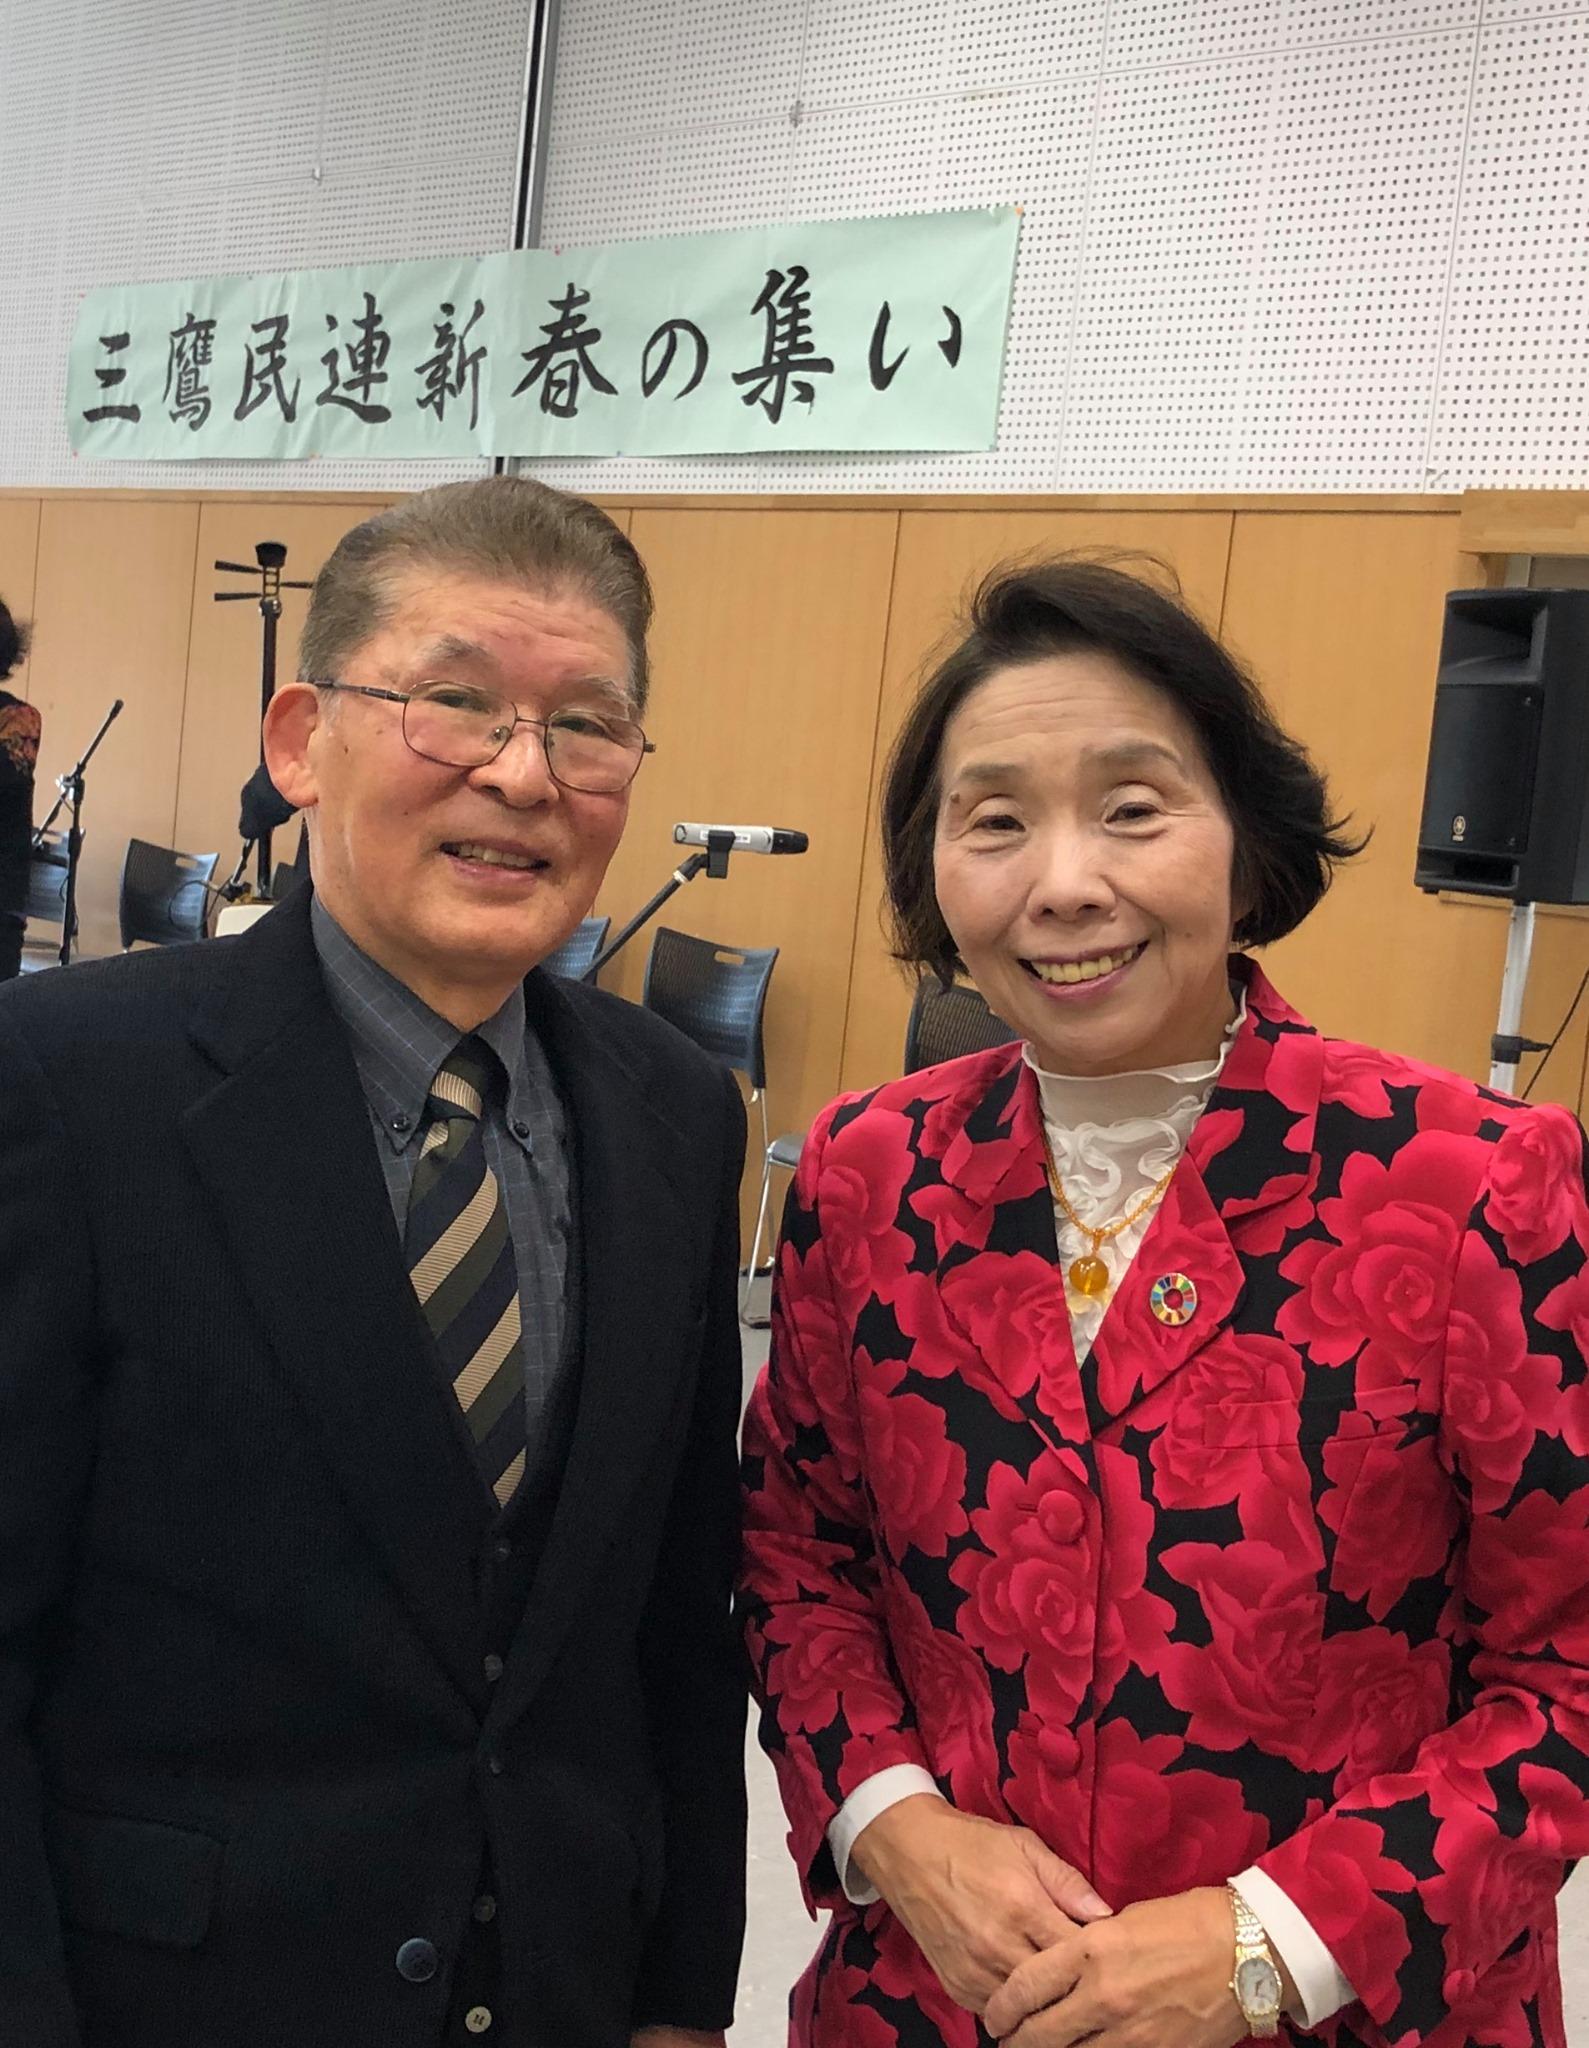 三鷹民謡連合会 新春の集いに参加